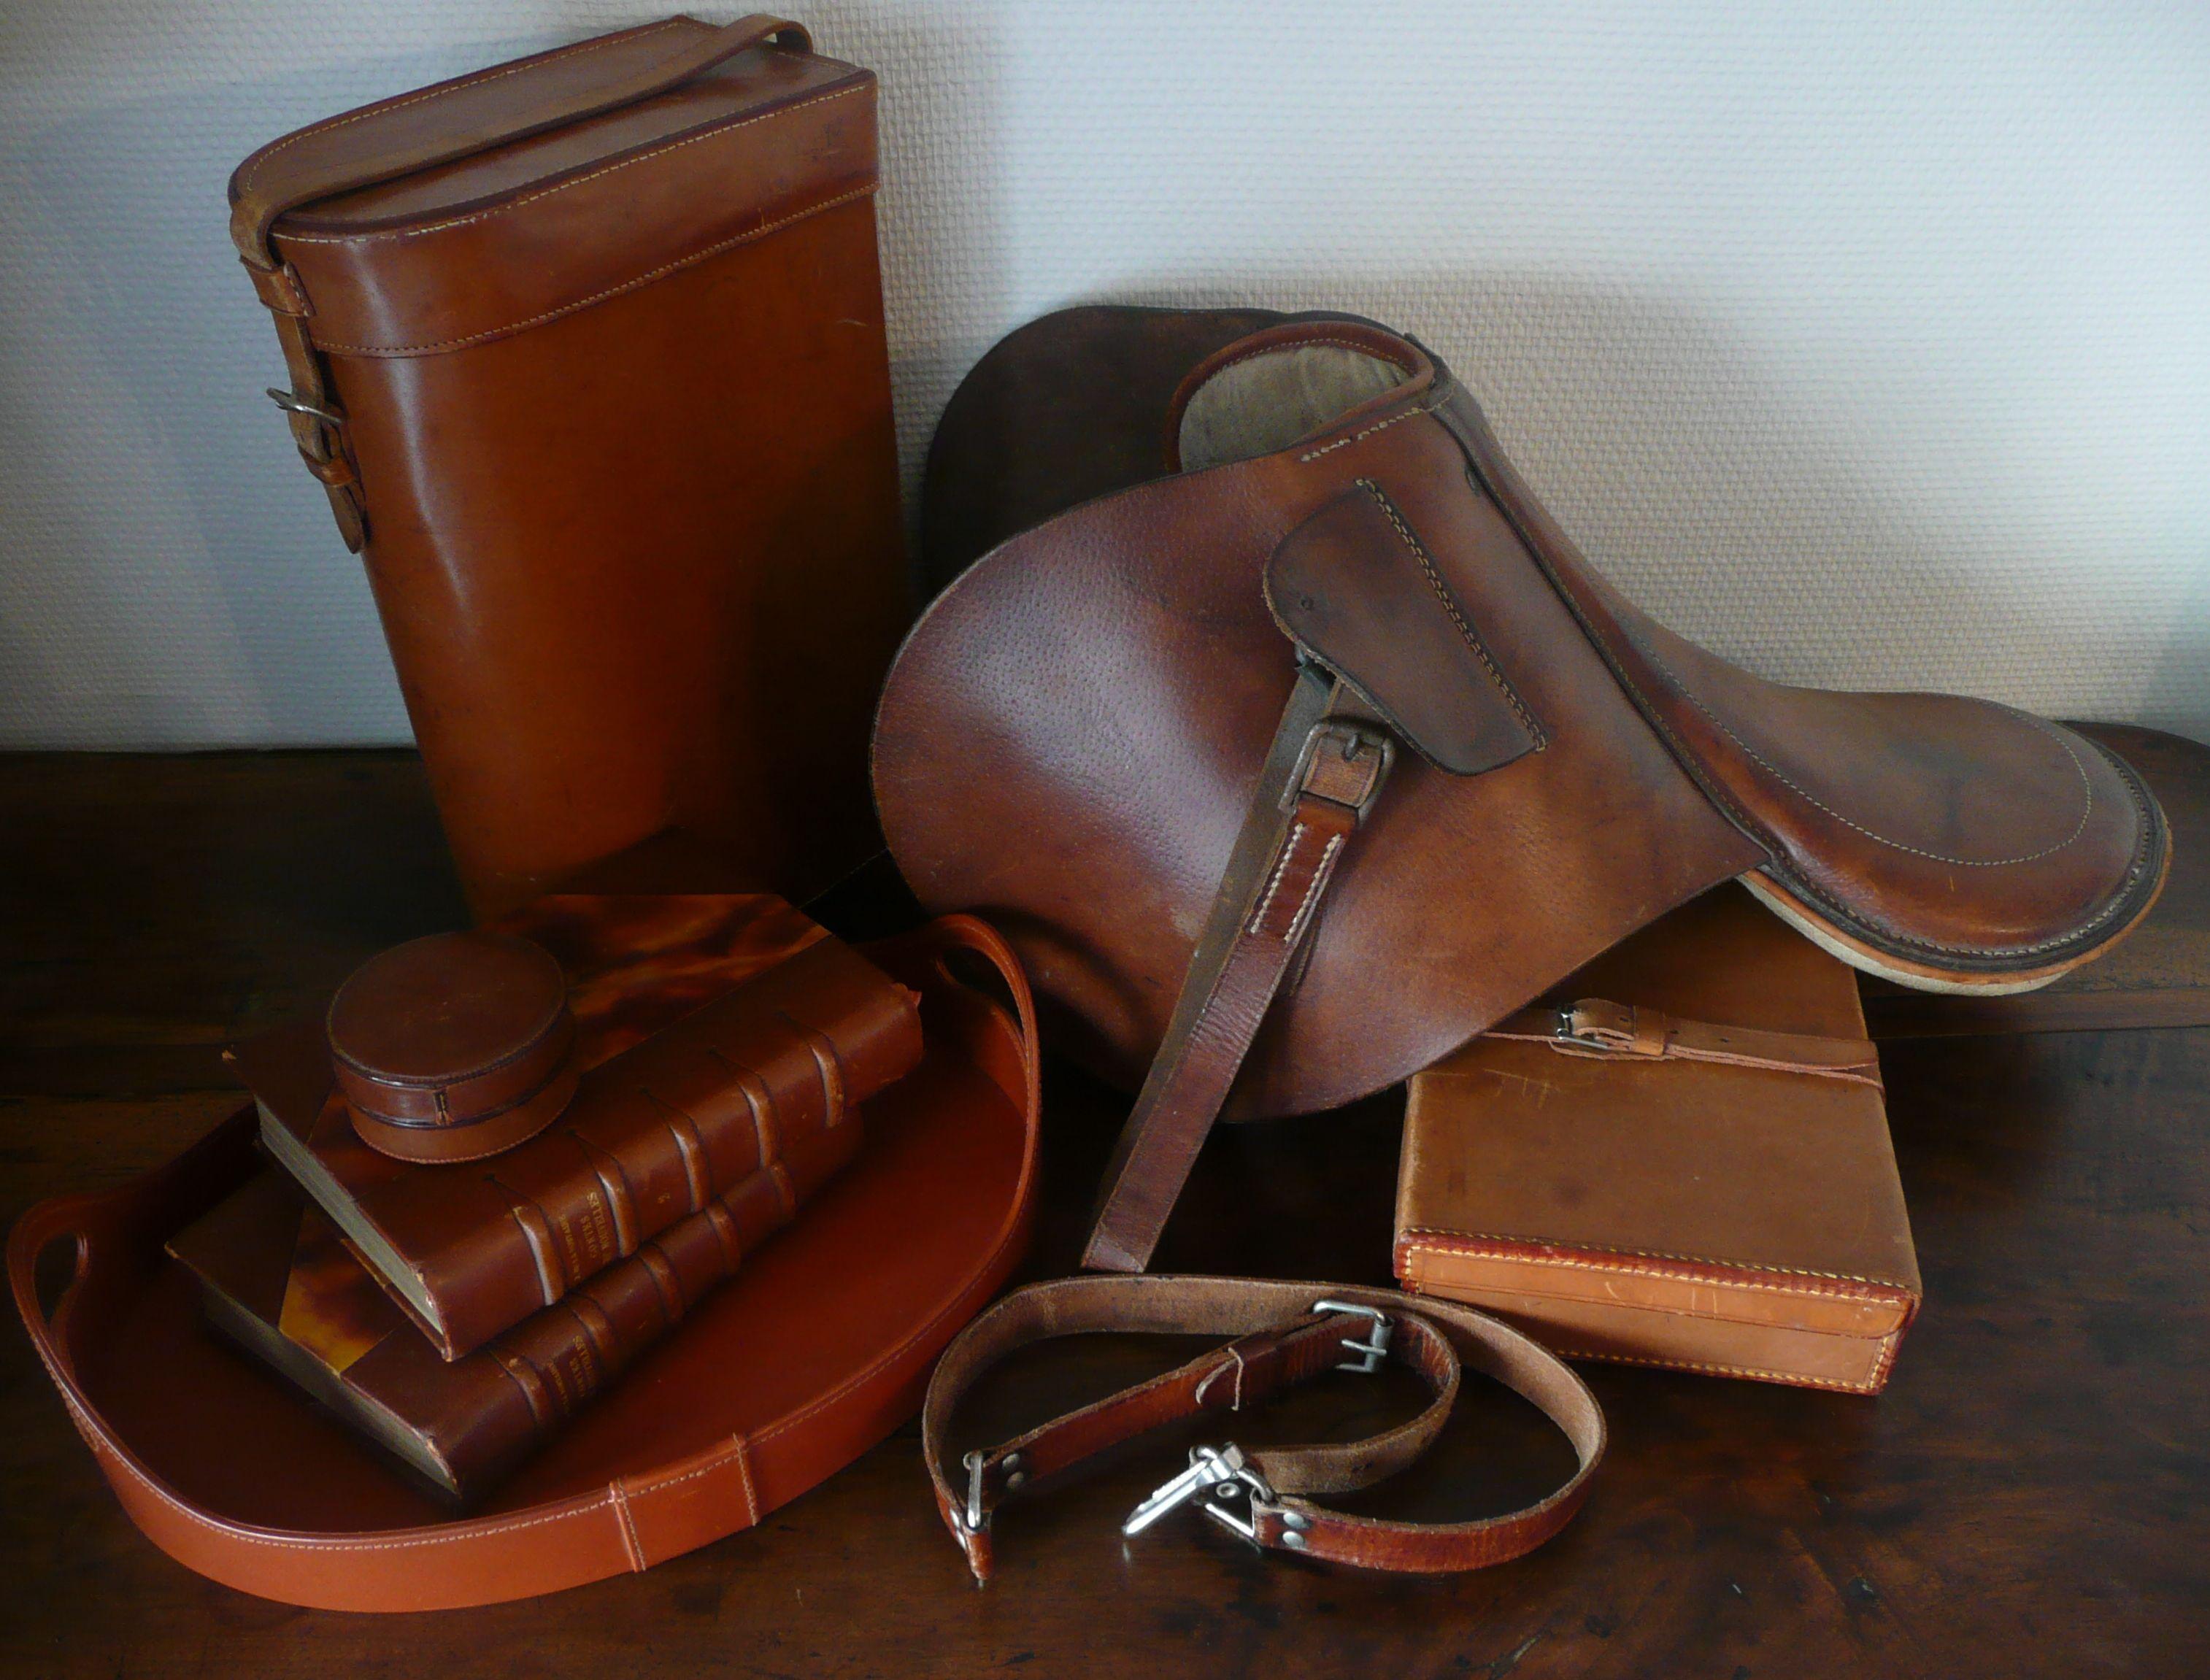 objets en cuir